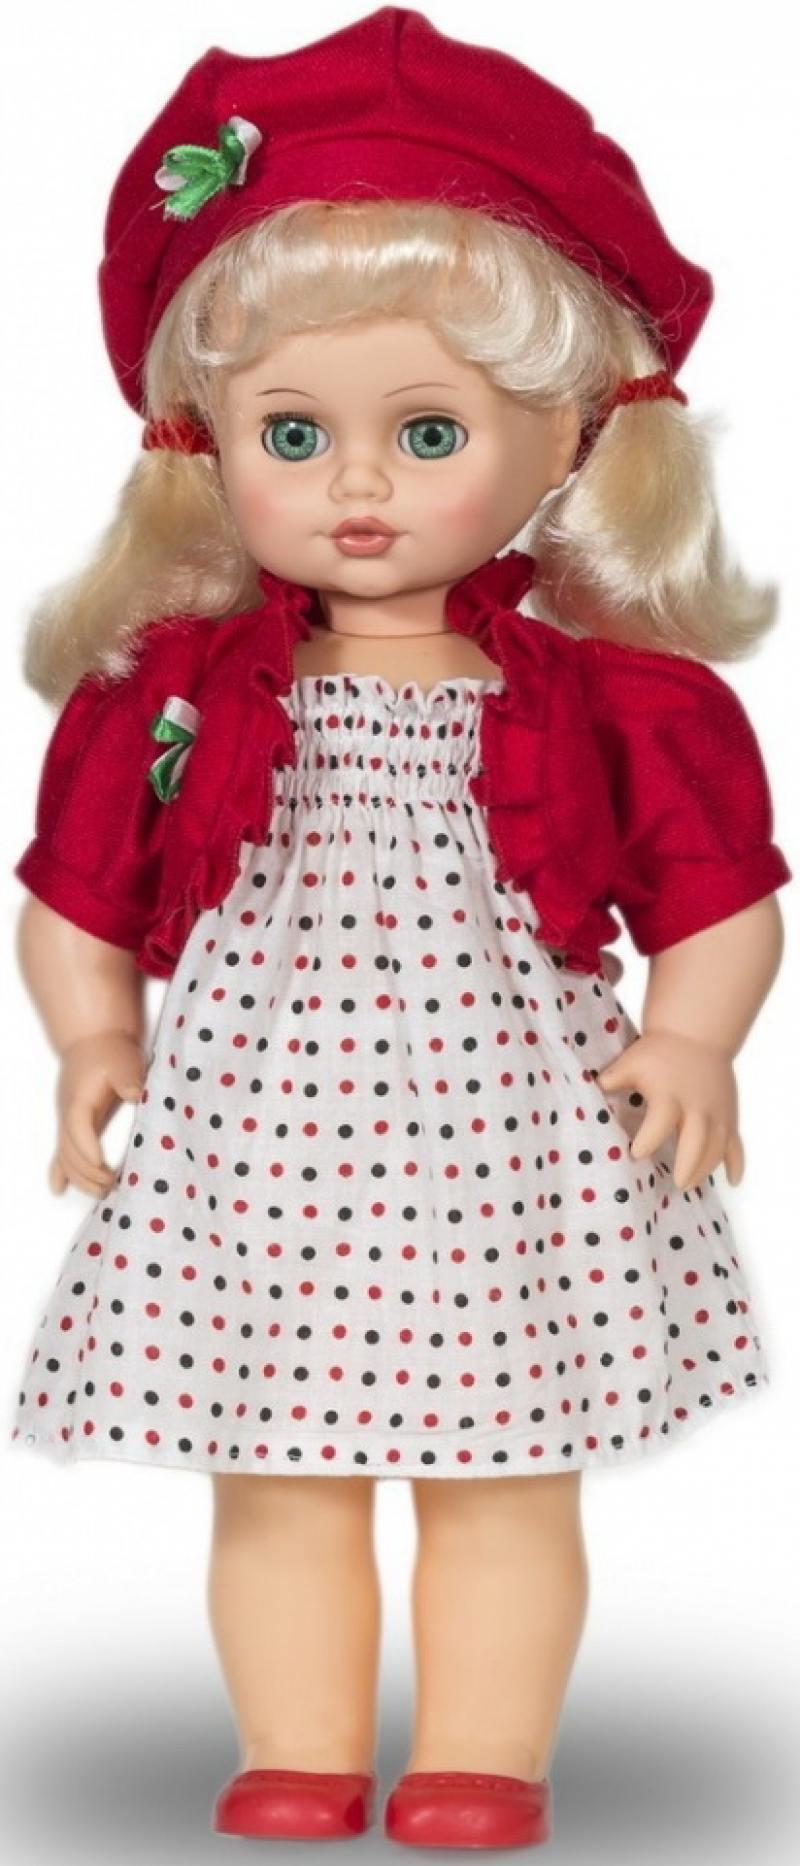 купить Кукла ВЕСНА Инна 47 (озвученная) В2239/о по цене 1003 рублей